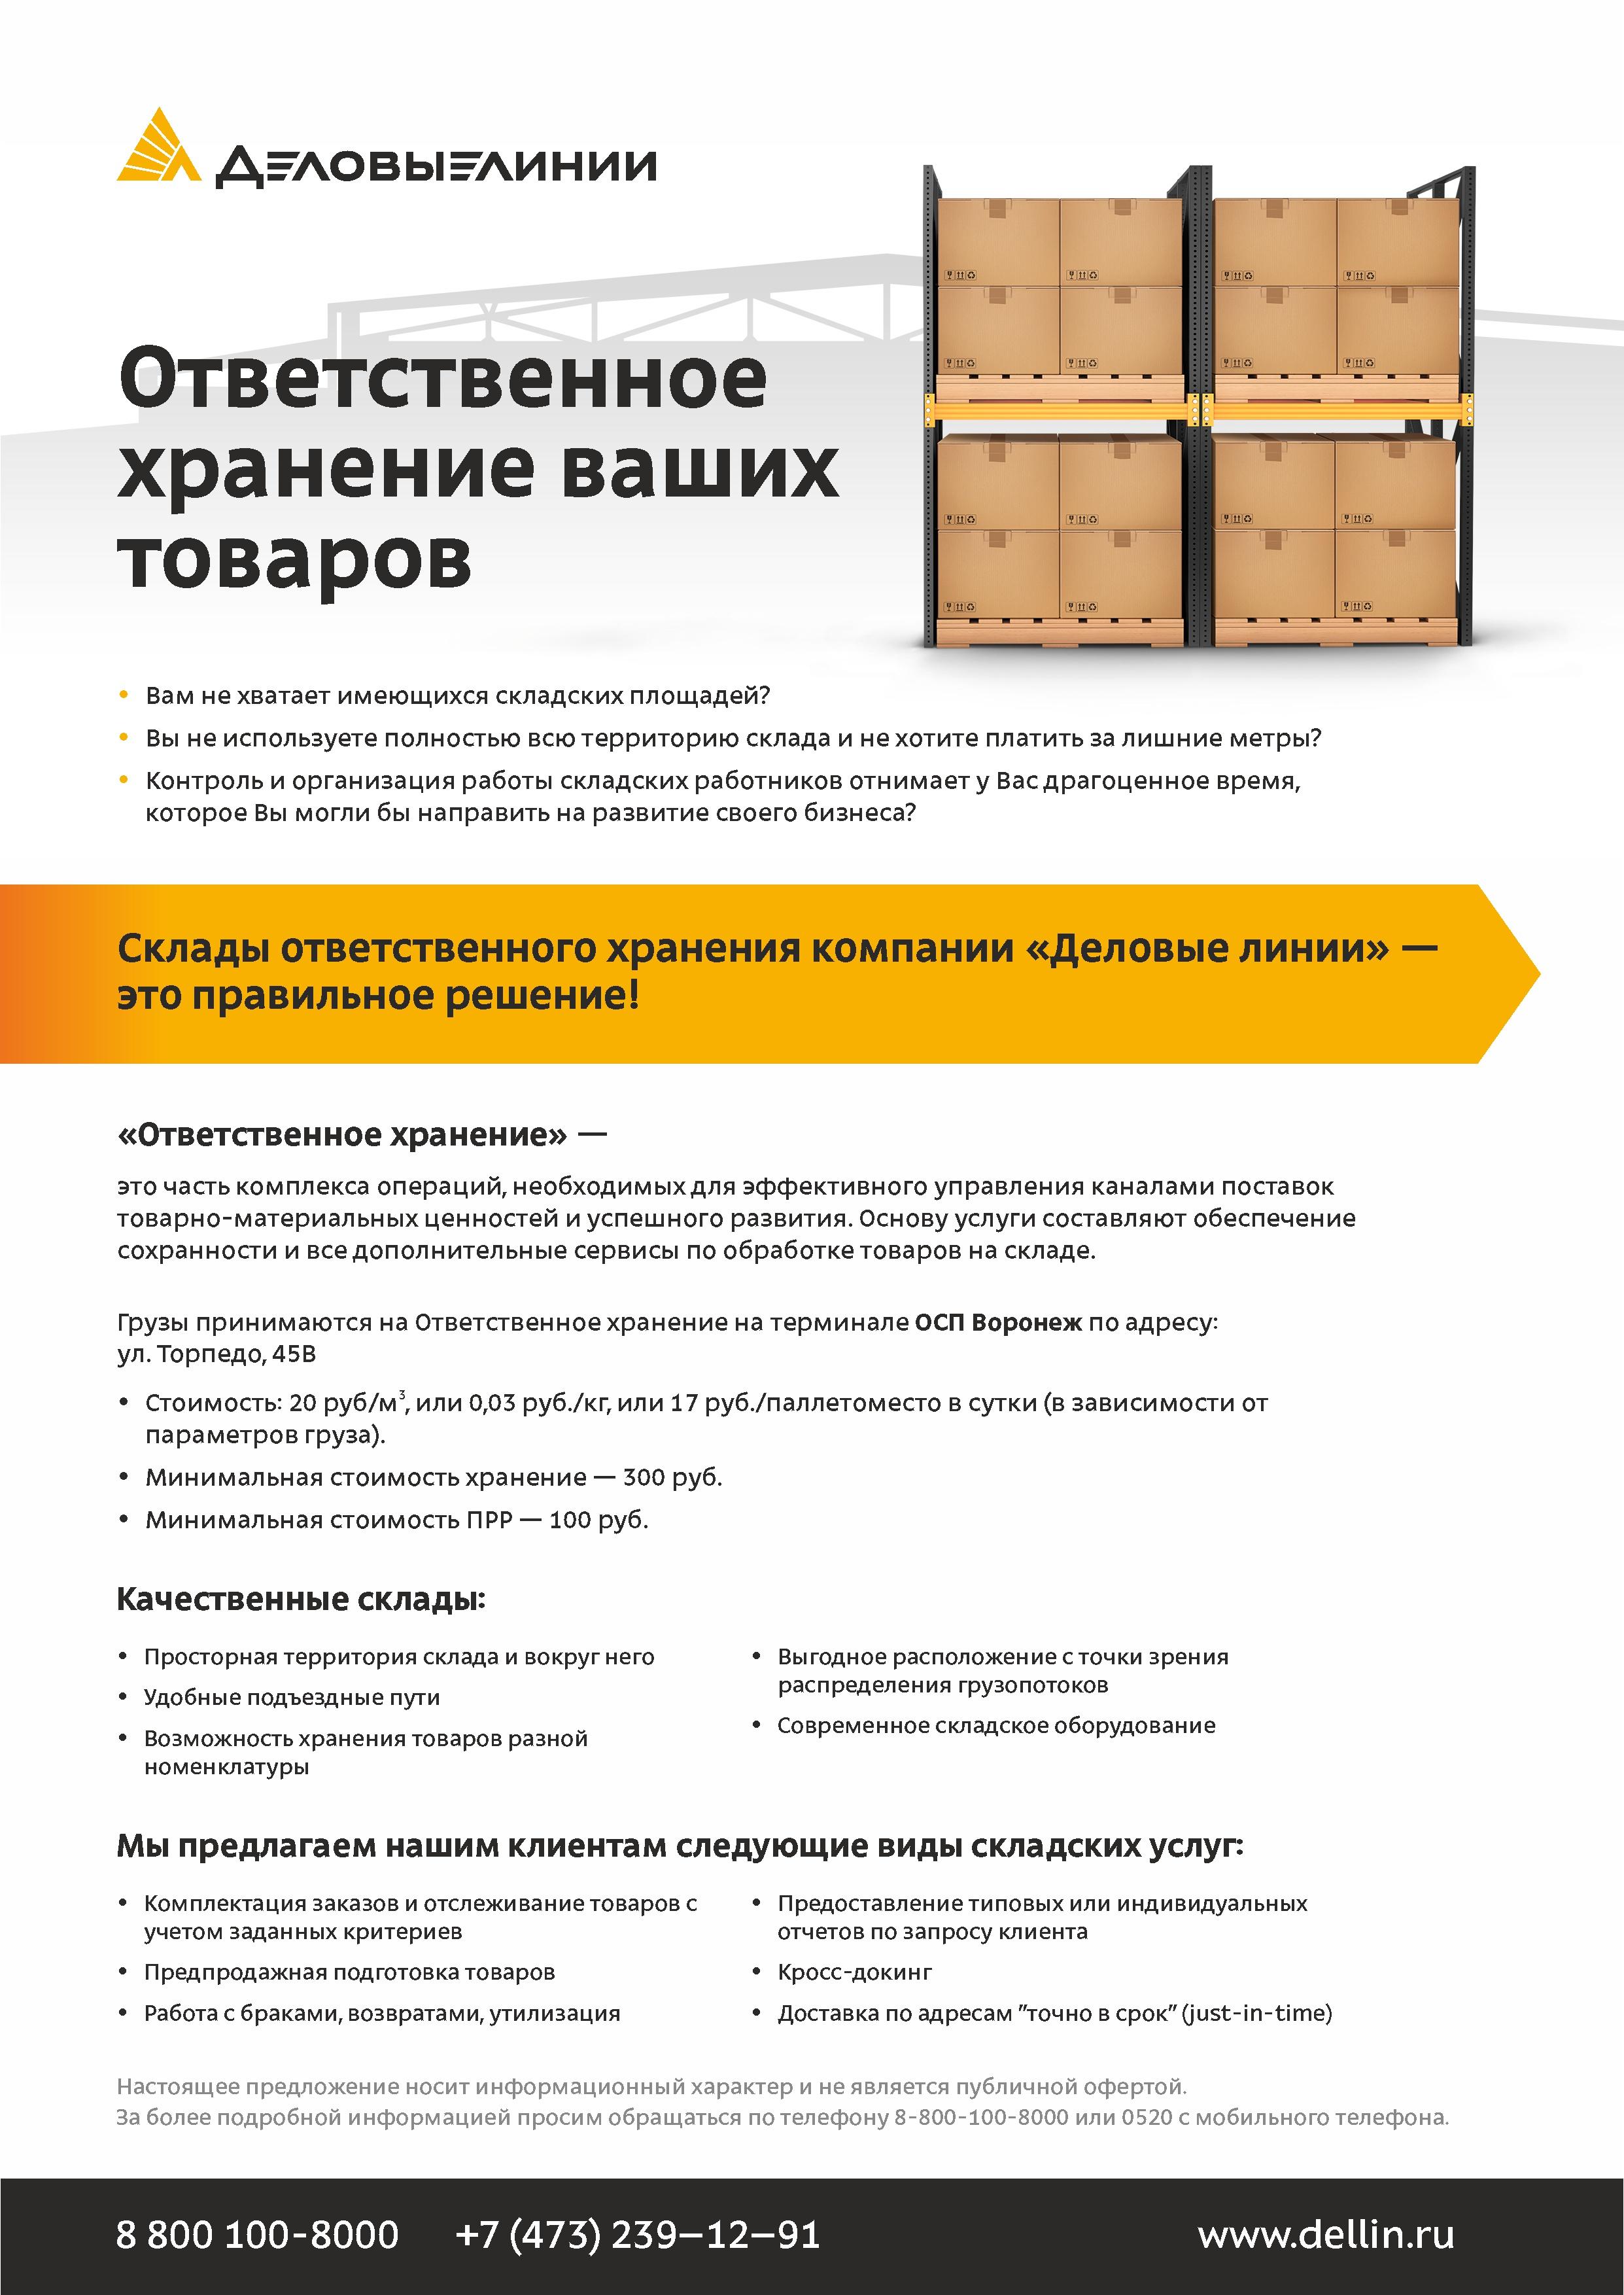 Листовка Деловые Линии «Ответственное хранение ваших товаров»